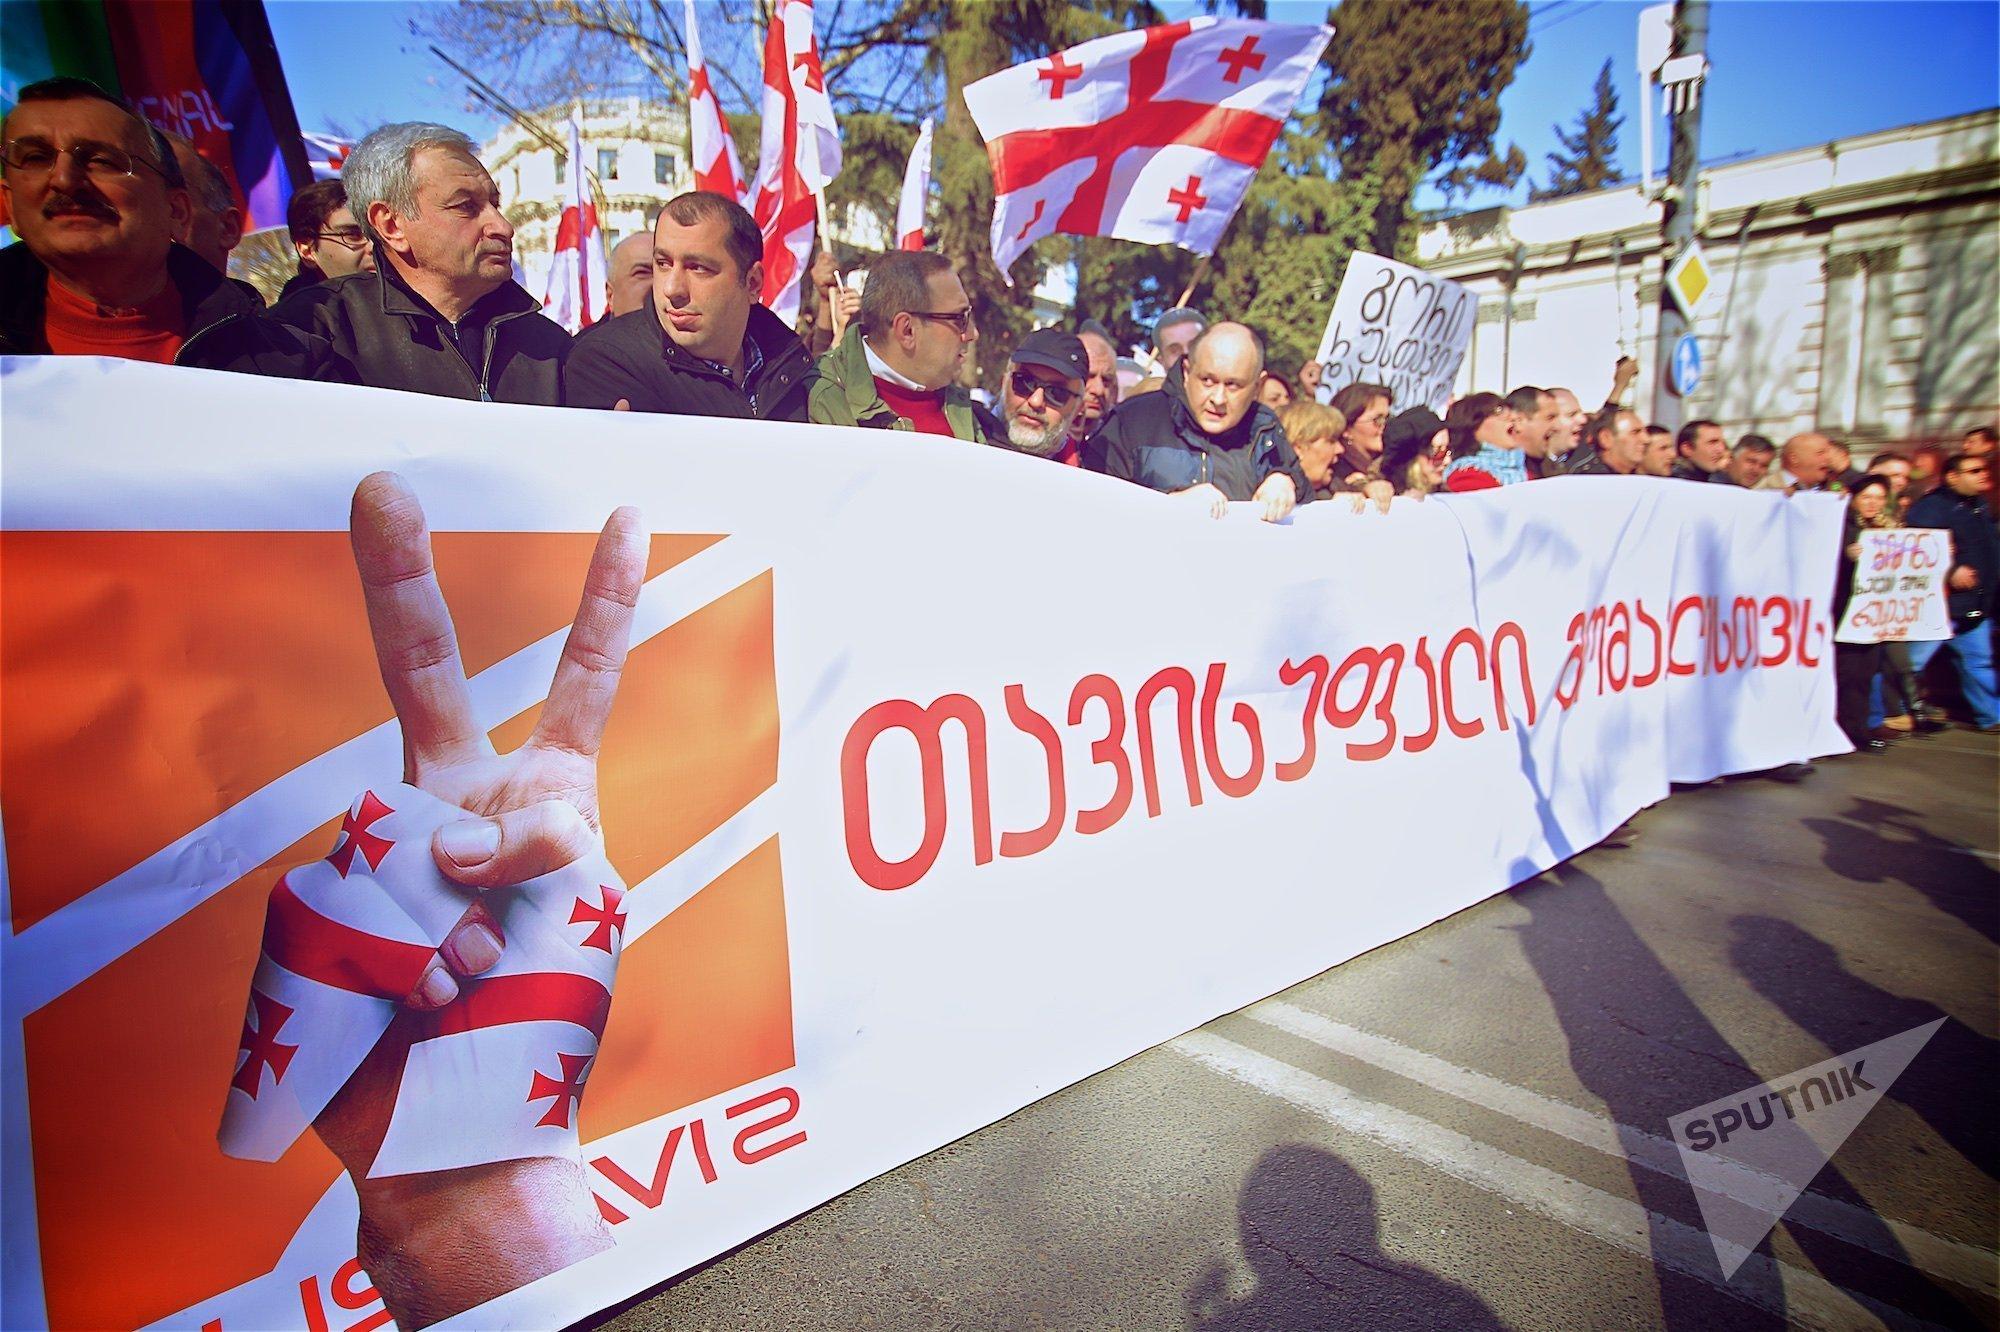 Взнак протеста грузинская телевизионная компания «Рустави 2» прекратила вещание